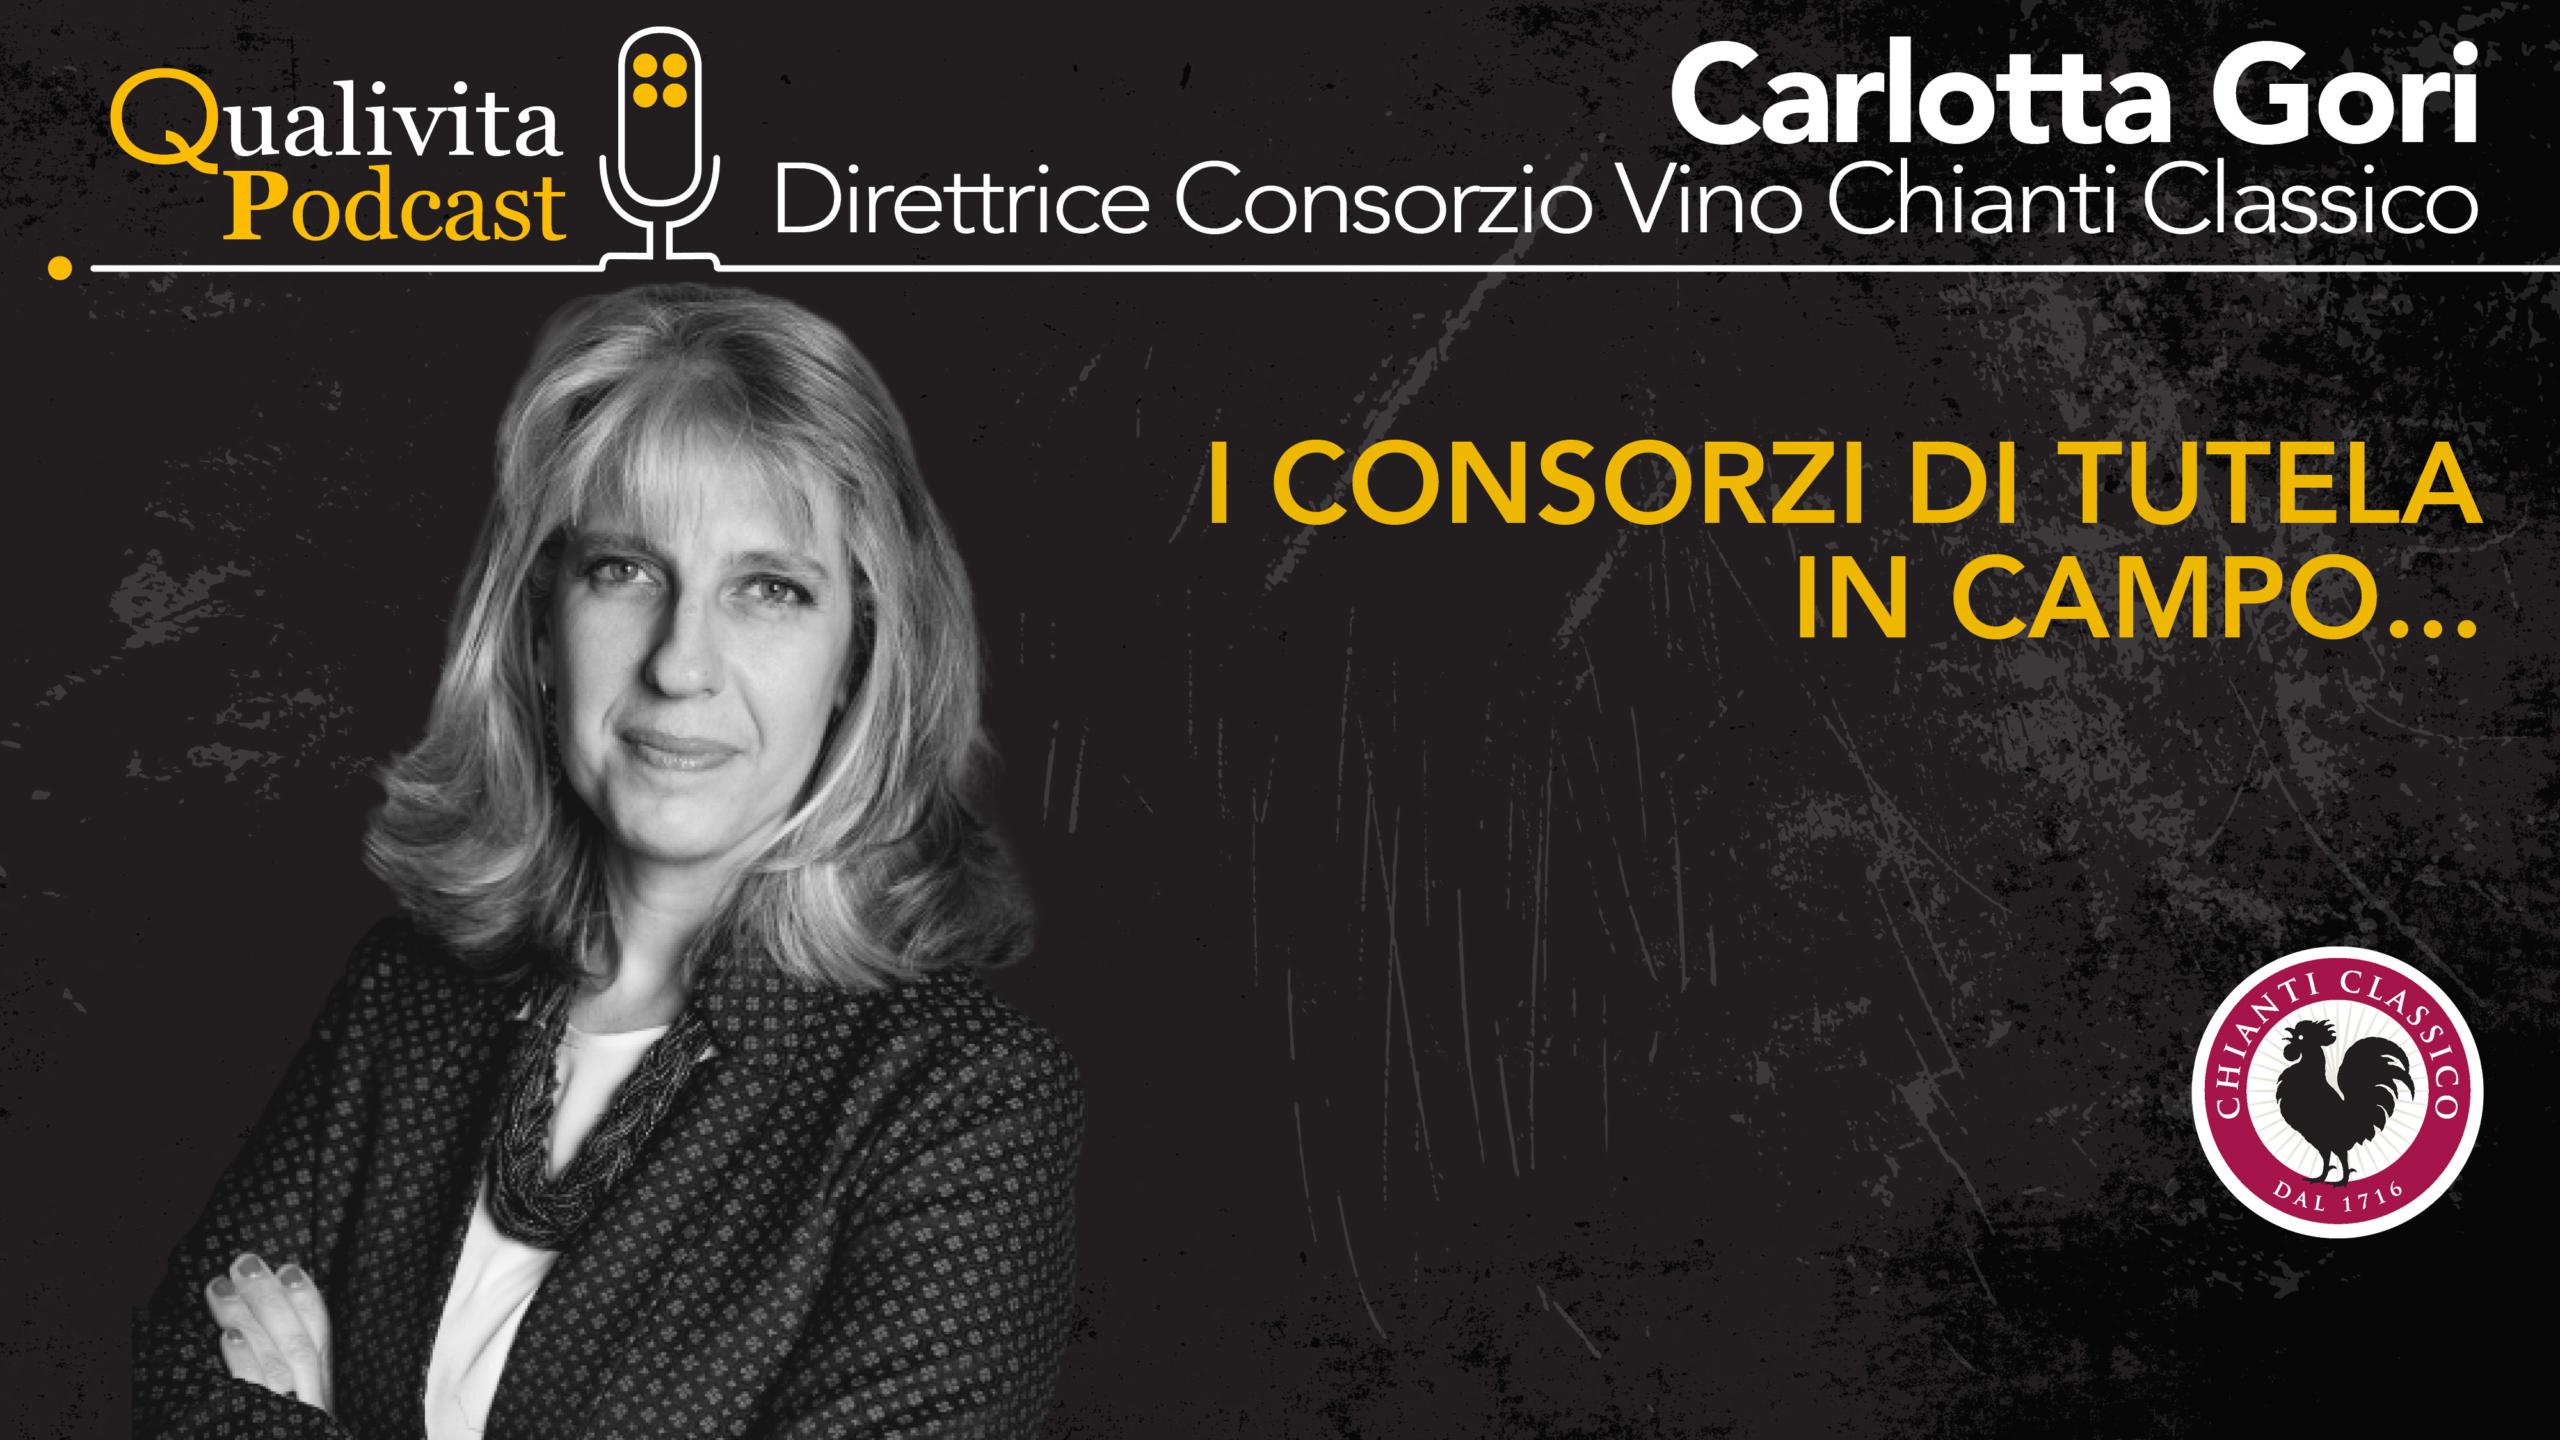 Carlotta Gori, Consorzio Vino Chianti Classico